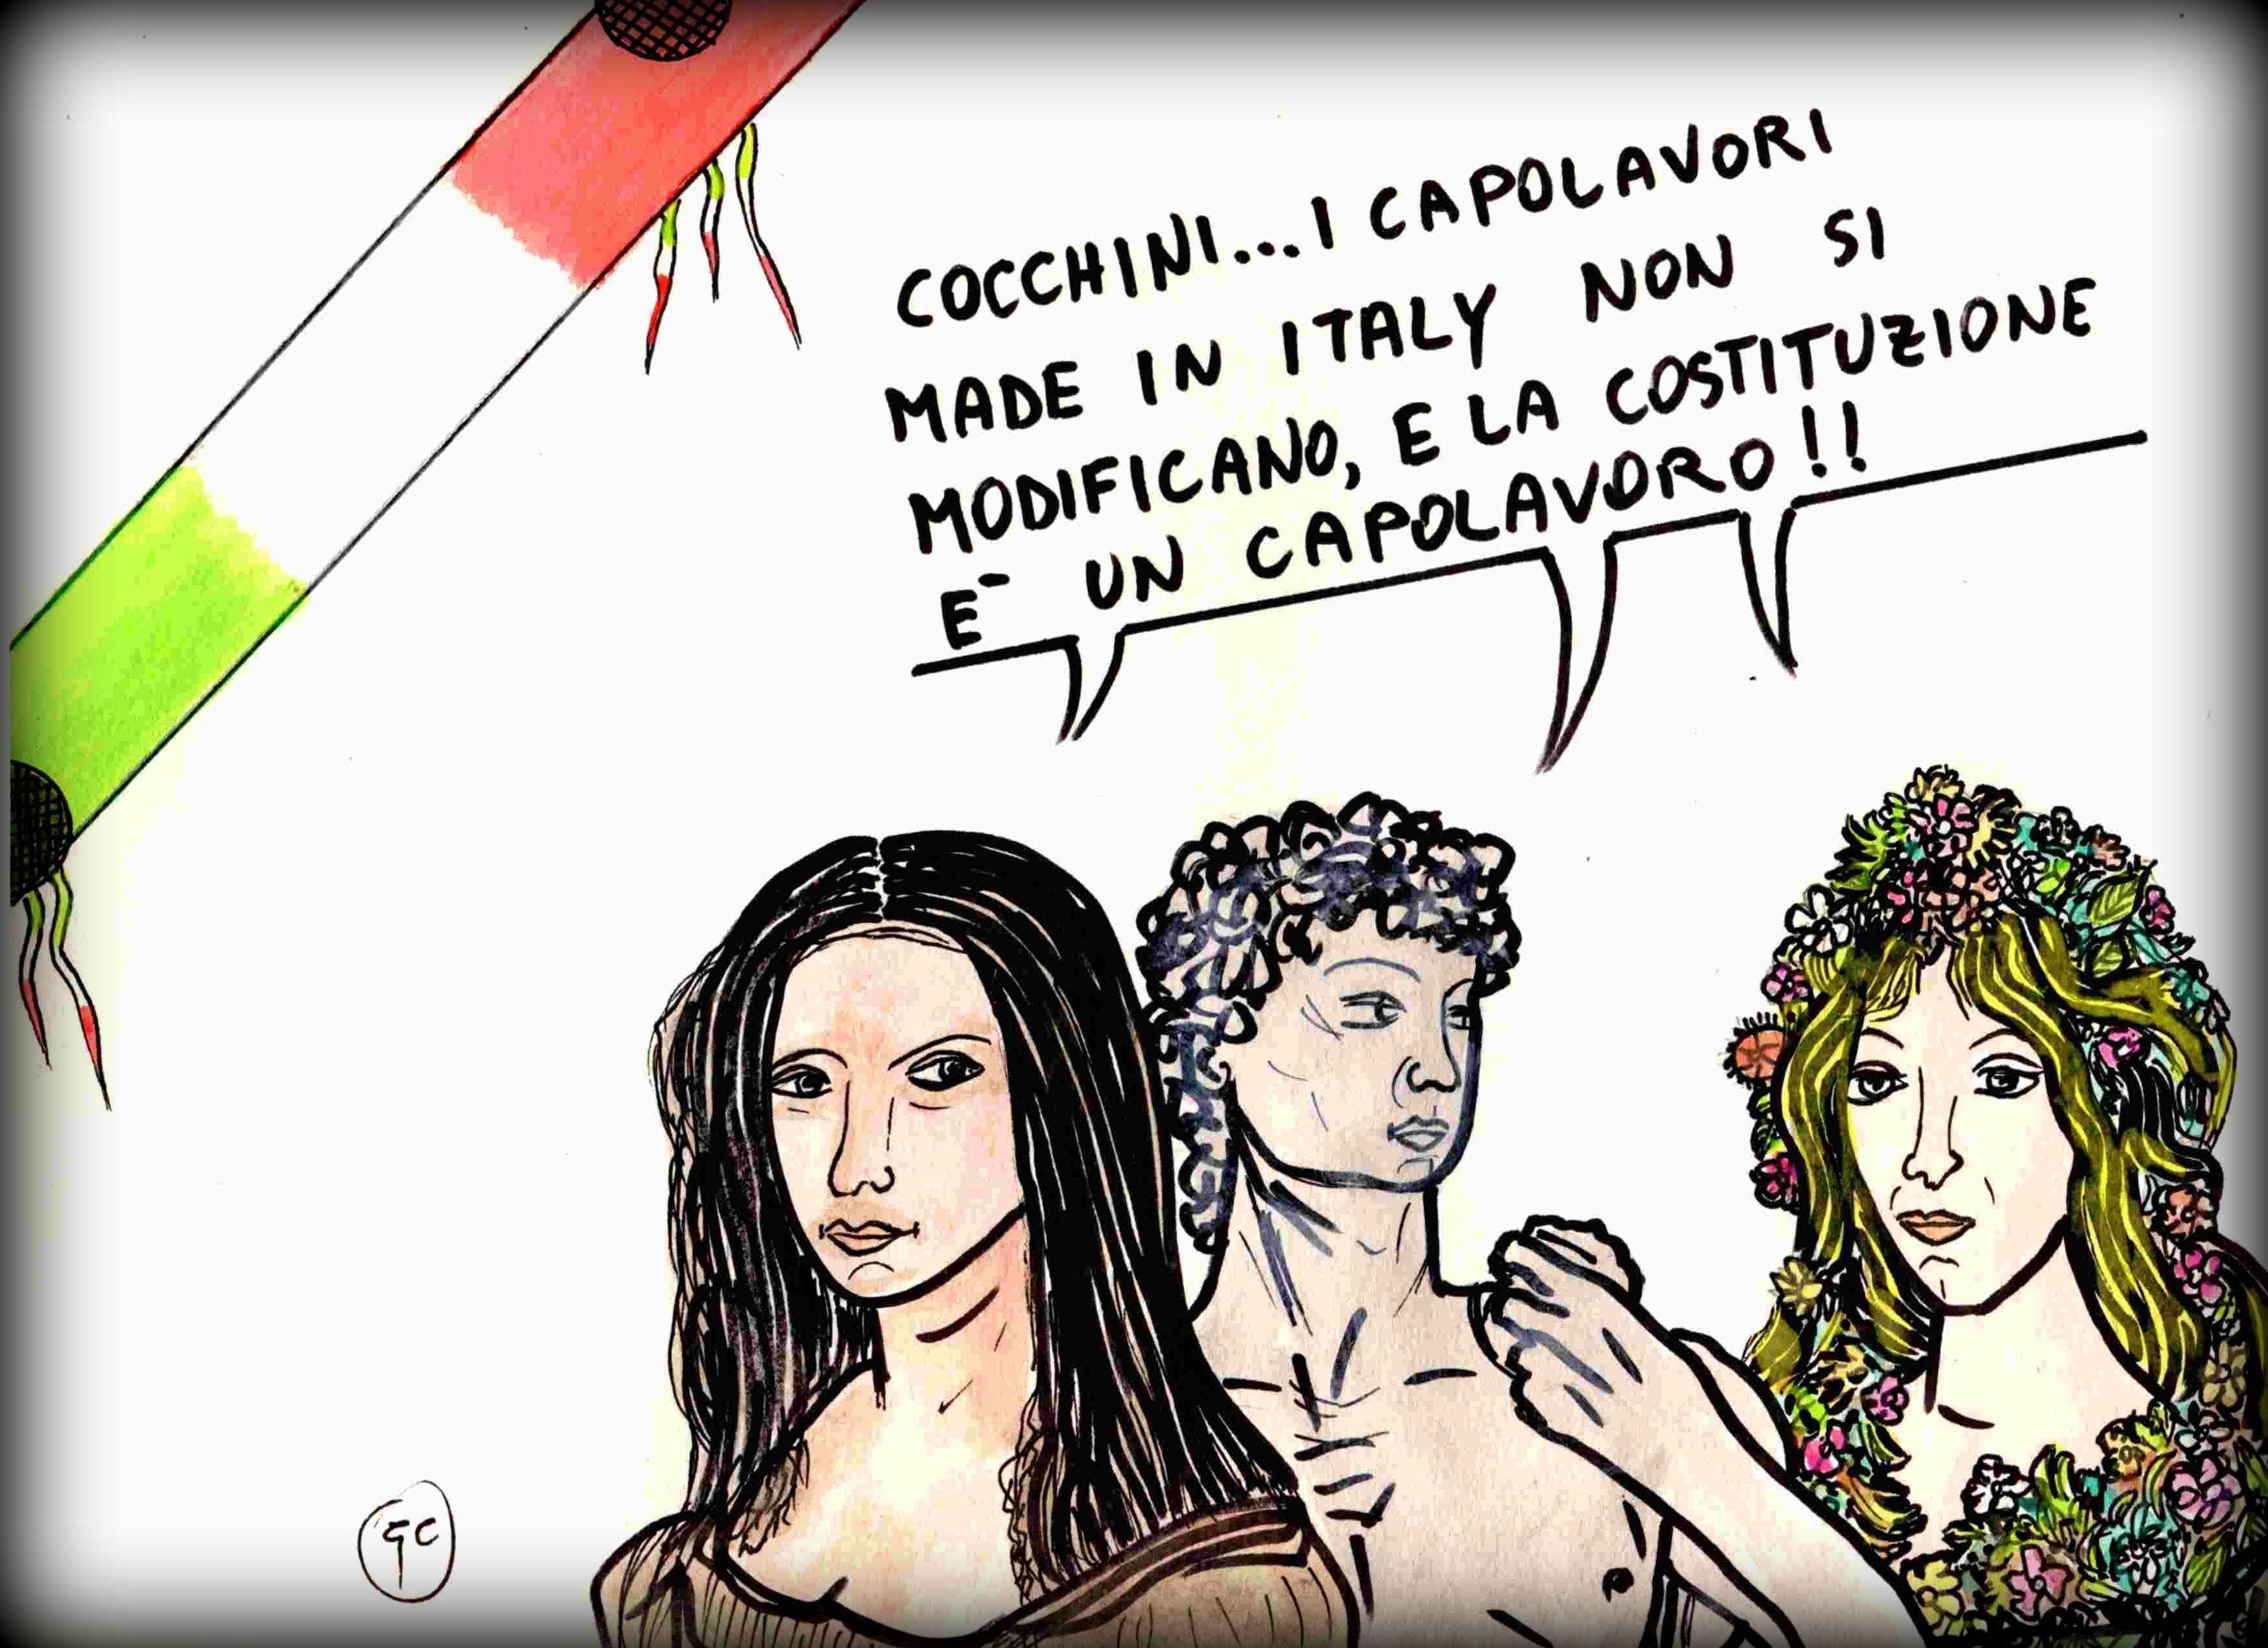 vignetta per il NO al referendum sulle modifiche alla Costituzione pubblicata sul sito vignettistiperilno